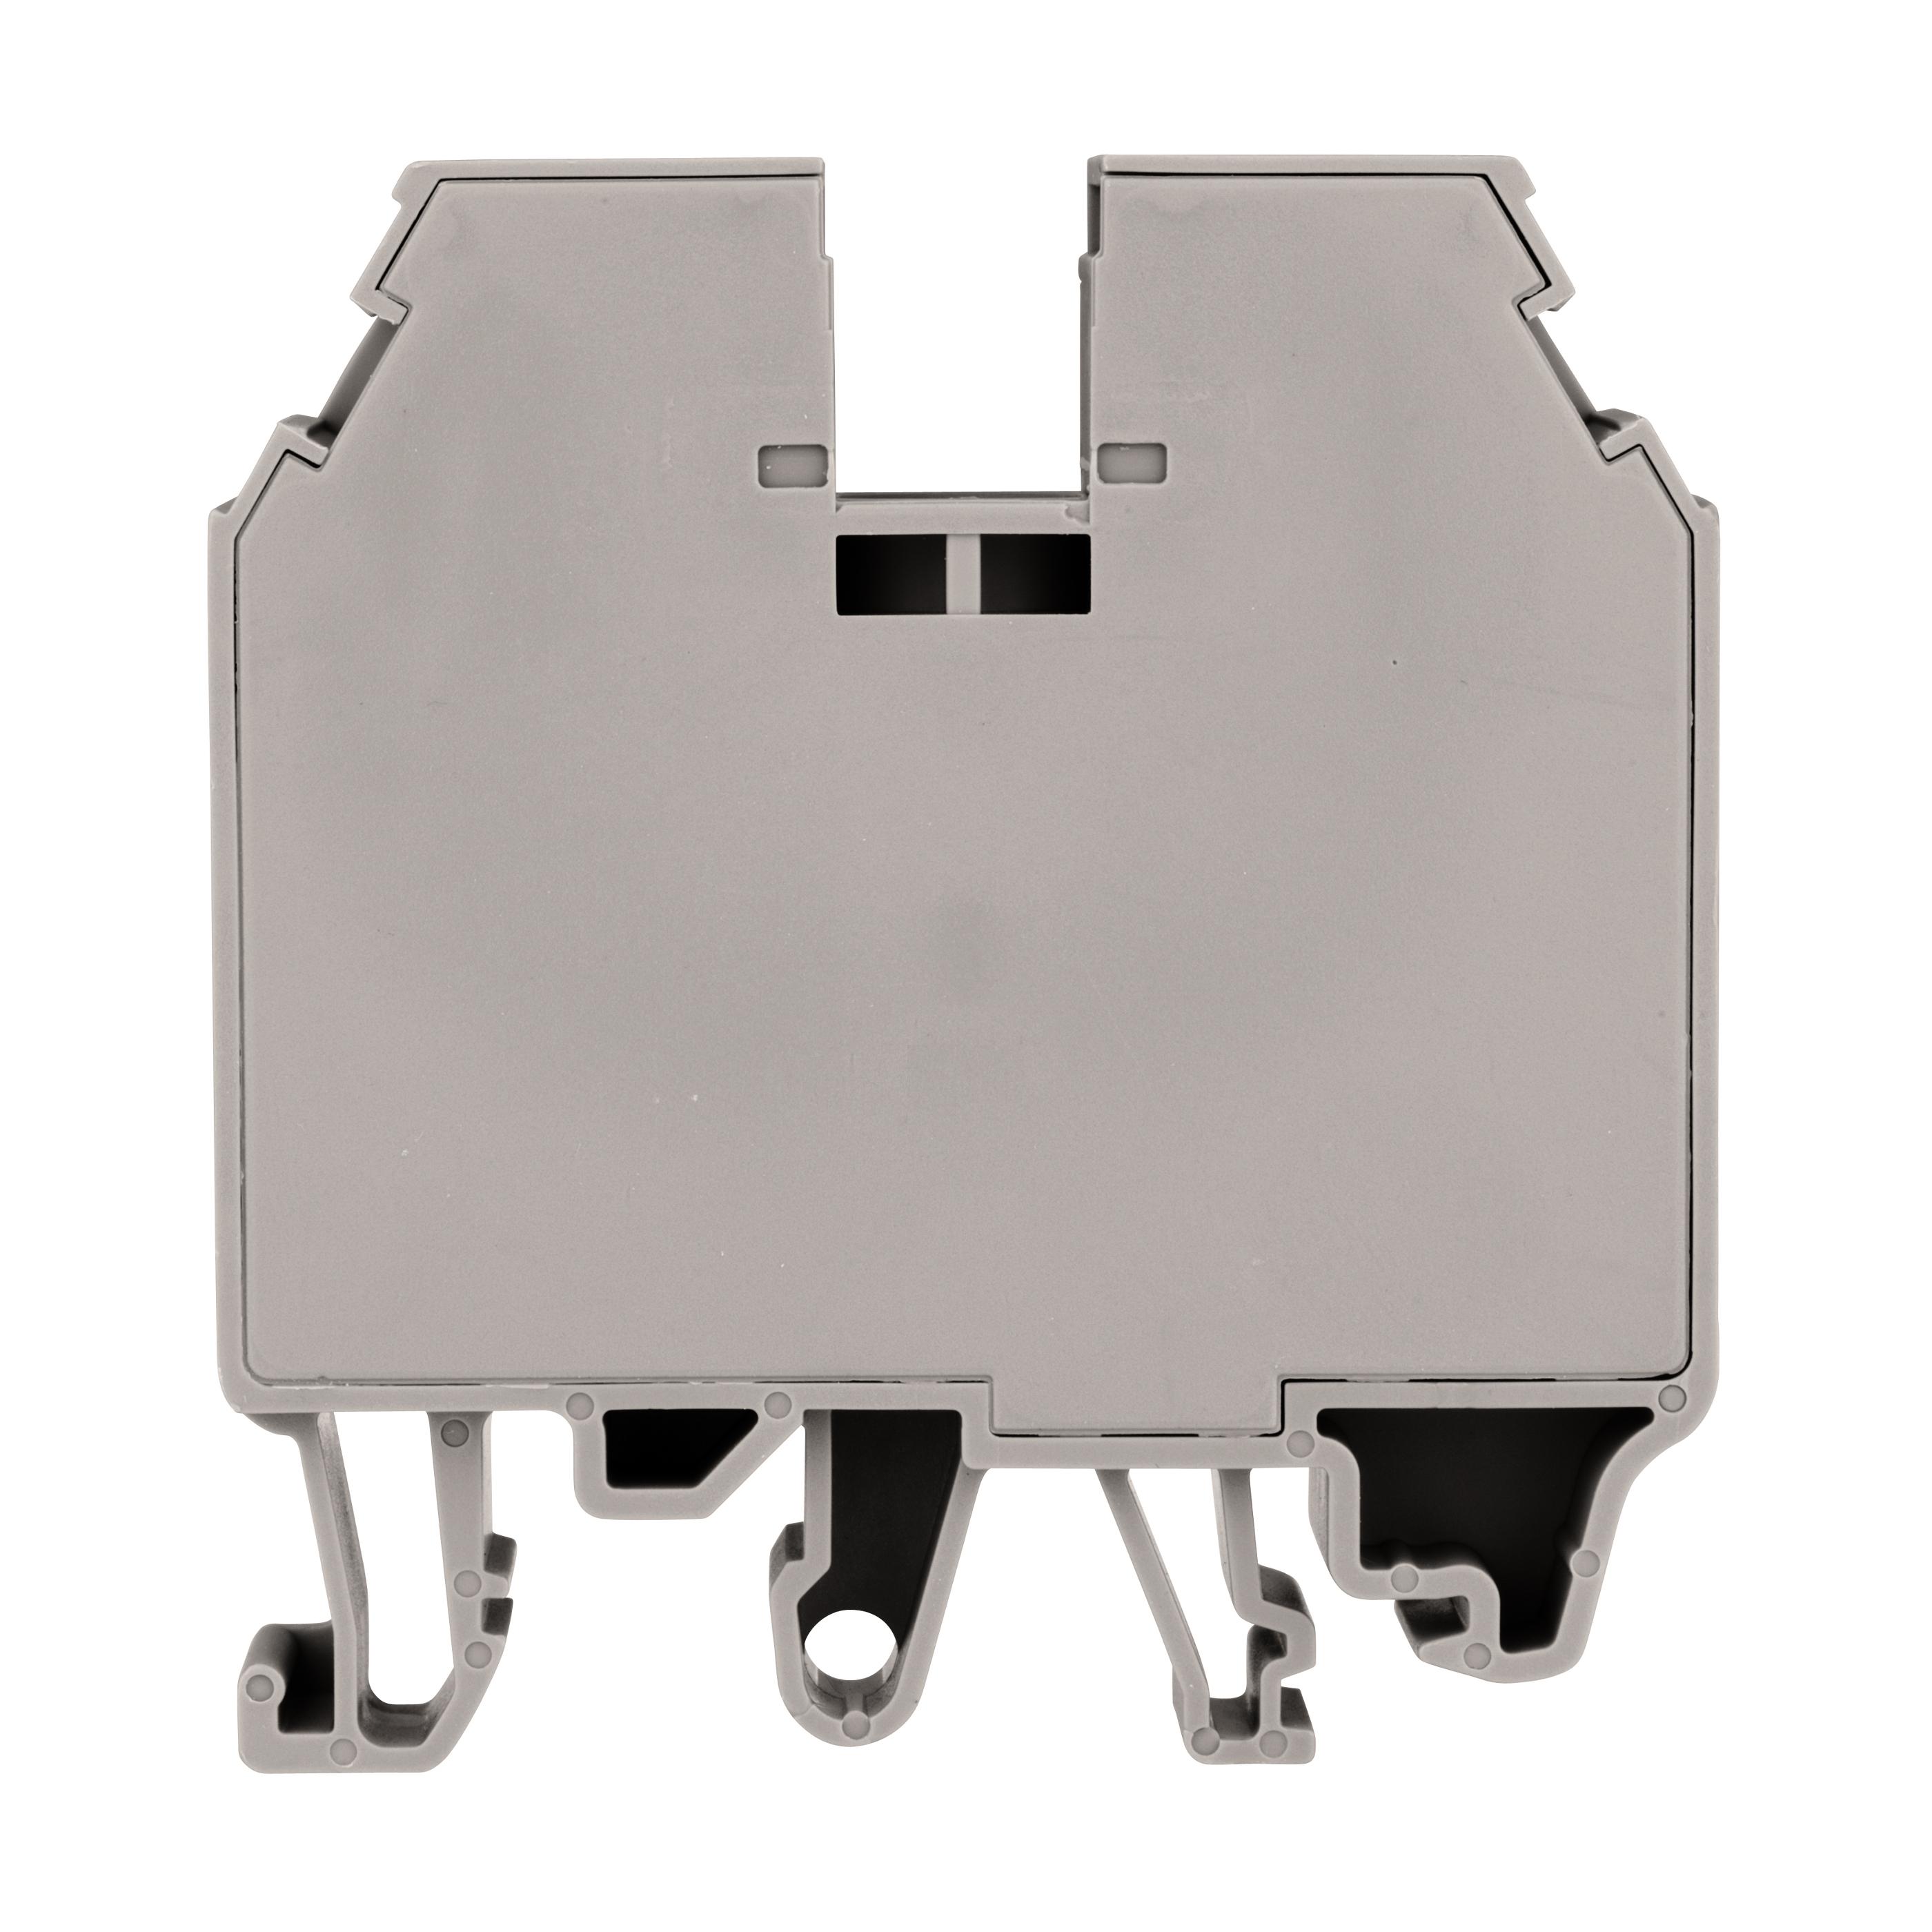 1 Stk Reihenklemme 35mm², Type AVK 35 RD, grau IK600035-A